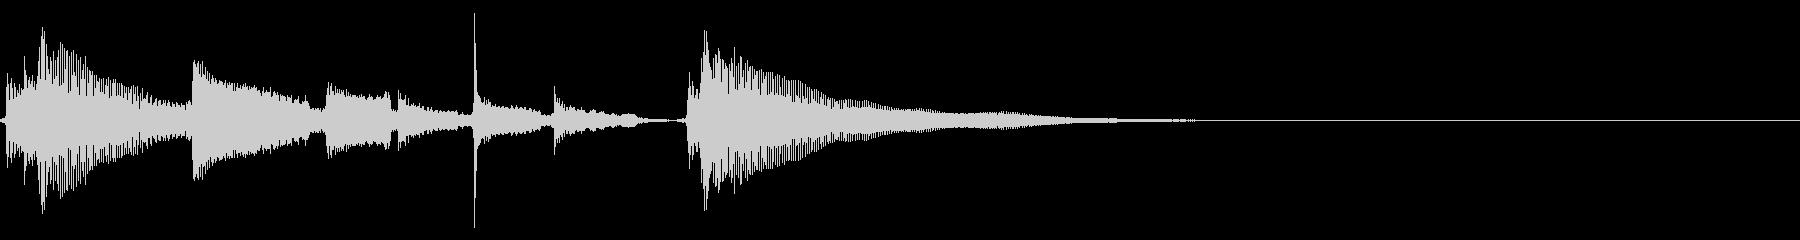 アコギ生音のジングル/爽やか5の未再生の波形